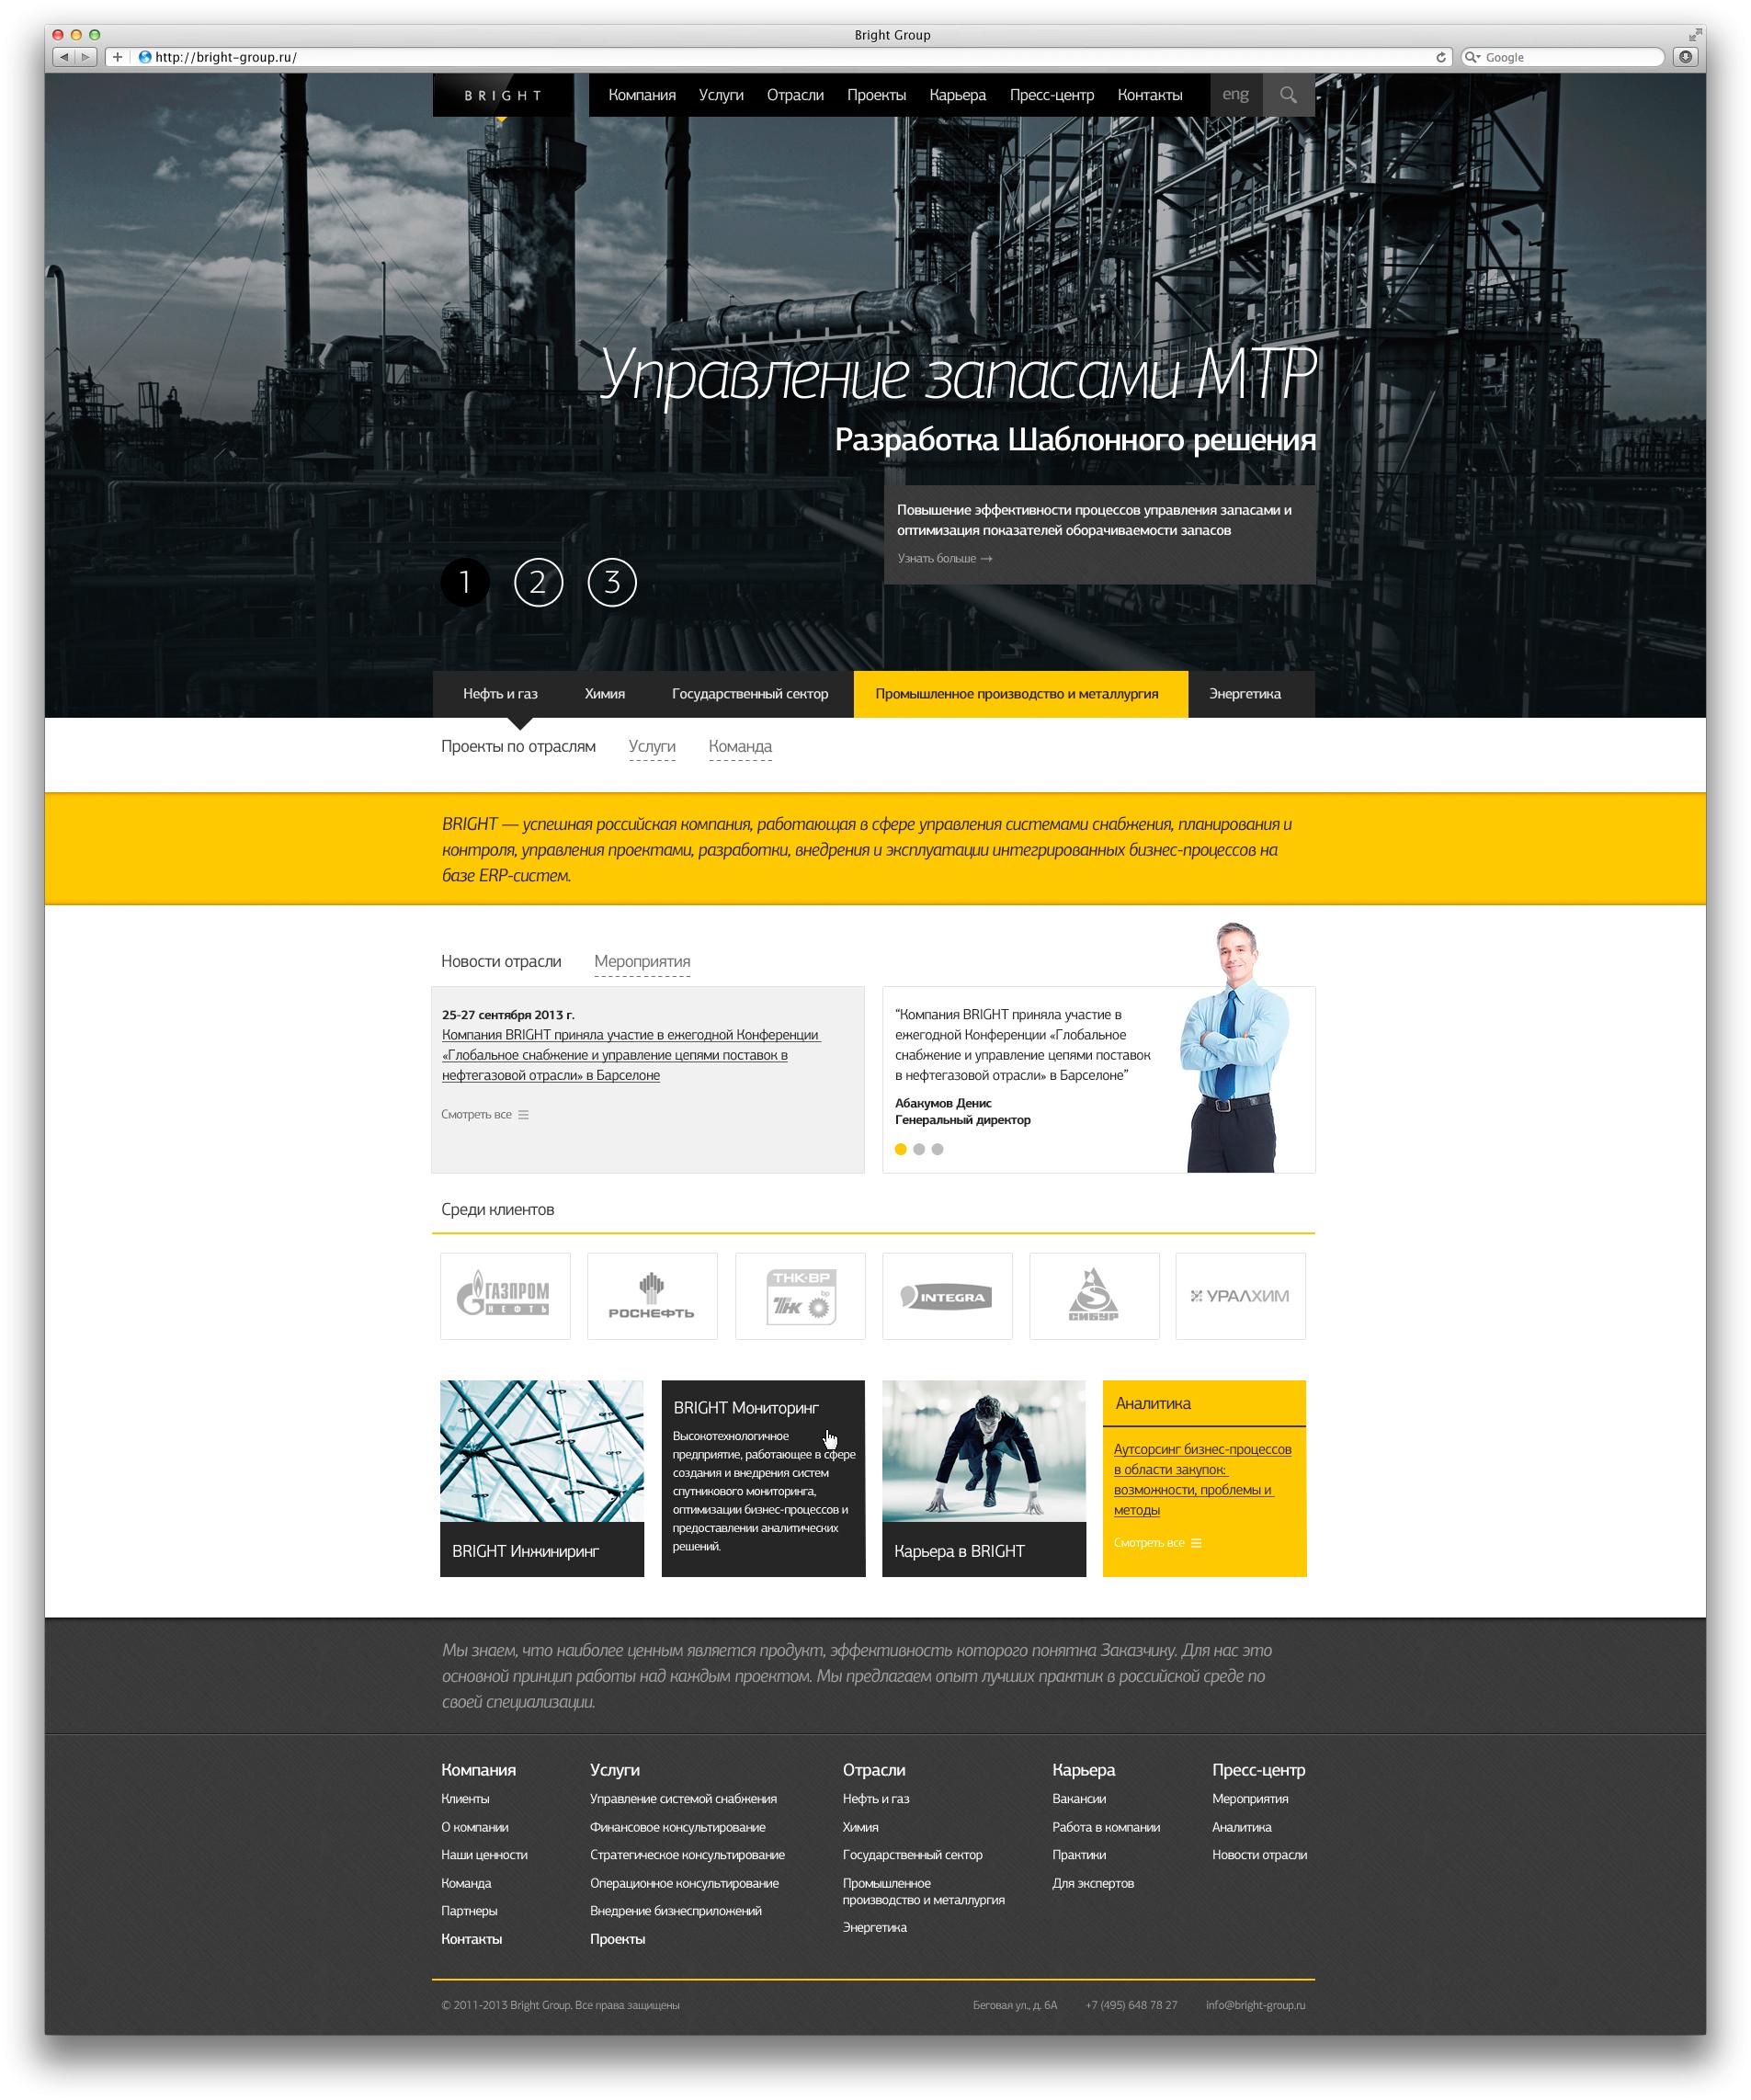 Дизайн и разработка сайта консалтинговой компании фото f_74652fb7df87759b.jpg